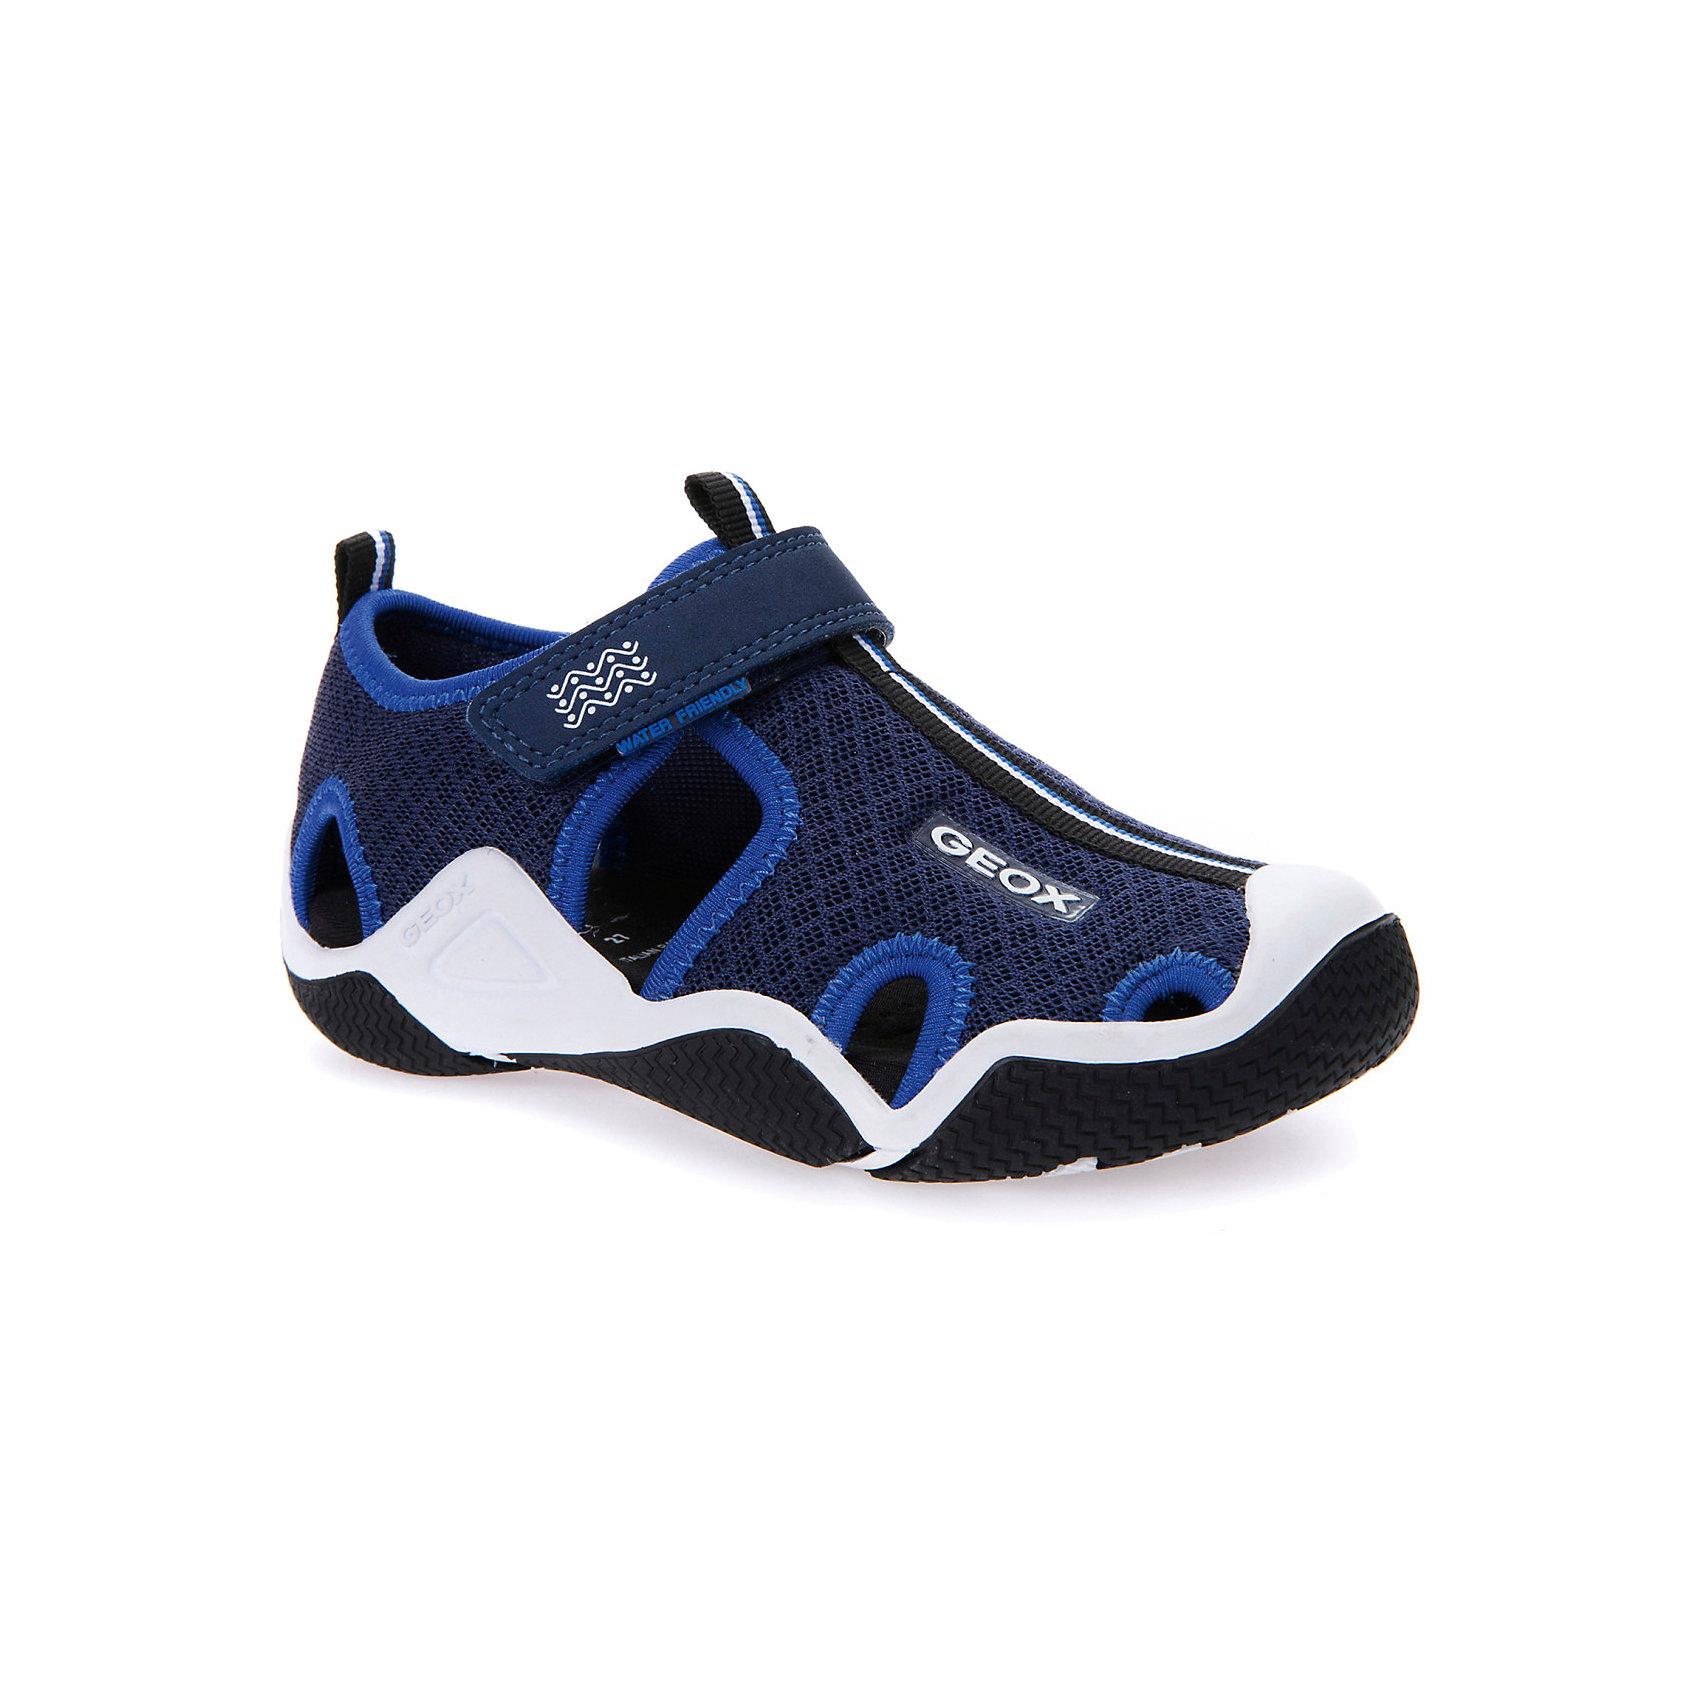 Сандалии для мальчика GEOXСандалии<br>Характеристики товара:<br><br>• цвет: синий<br>• внешний материал: текстиль<br>• внутренний материал: текстиль<br>• стелька: текстиль<br>• подошва: резина<br>• застежка: липучка<br>• закрытый носок<br>• спортивный стиль<br>• устойчивая подошва<br>• мембранная технология<br>• декорированы логотипом<br>• коллекция: весна-лето 2017<br>• страна бренда: Италия<br><br>Легкие удобные сандали помогут обеспечить ребенку комфорт и дополнить наряд. Универсальный цвет позволяет надевать их под одежду разных расцветок. Сандали удобно сидят на ноге и стильно смотрятся. Отличный вариант для жаркой погоды!<br><br>Обувь от бренда GEOX - это классический пример итальянского стиля и высокого качества, известных по всему миру. Модели этой марки - неизменно модные и комфортные. Для их производства используются только безопасные, качественные материалы и фурнитура. Отличие этой линейки обуви - мембранная технология, которая обеспечивает естественное дыхание обуви и в то же время не пропускает воду. Это особенно важно для детской обуви!<br><br>Сандали от итальянского бренда GEOX (ГЕОКС) можно купить в нашем интернет-магазине.<br><br>Ширина мм: 262<br>Глубина мм: 176<br>Высота мм: 97<br>Вес г: 427<br>Цвет: синий<br>Возраст от месяцев: 120<br>Возраст до месяцев: 132<br>Пол: Мужской<br>Возраст: Детский<br>Размер: 34,26,27,28,29,30,31,32,33<br>SKU: 5335256